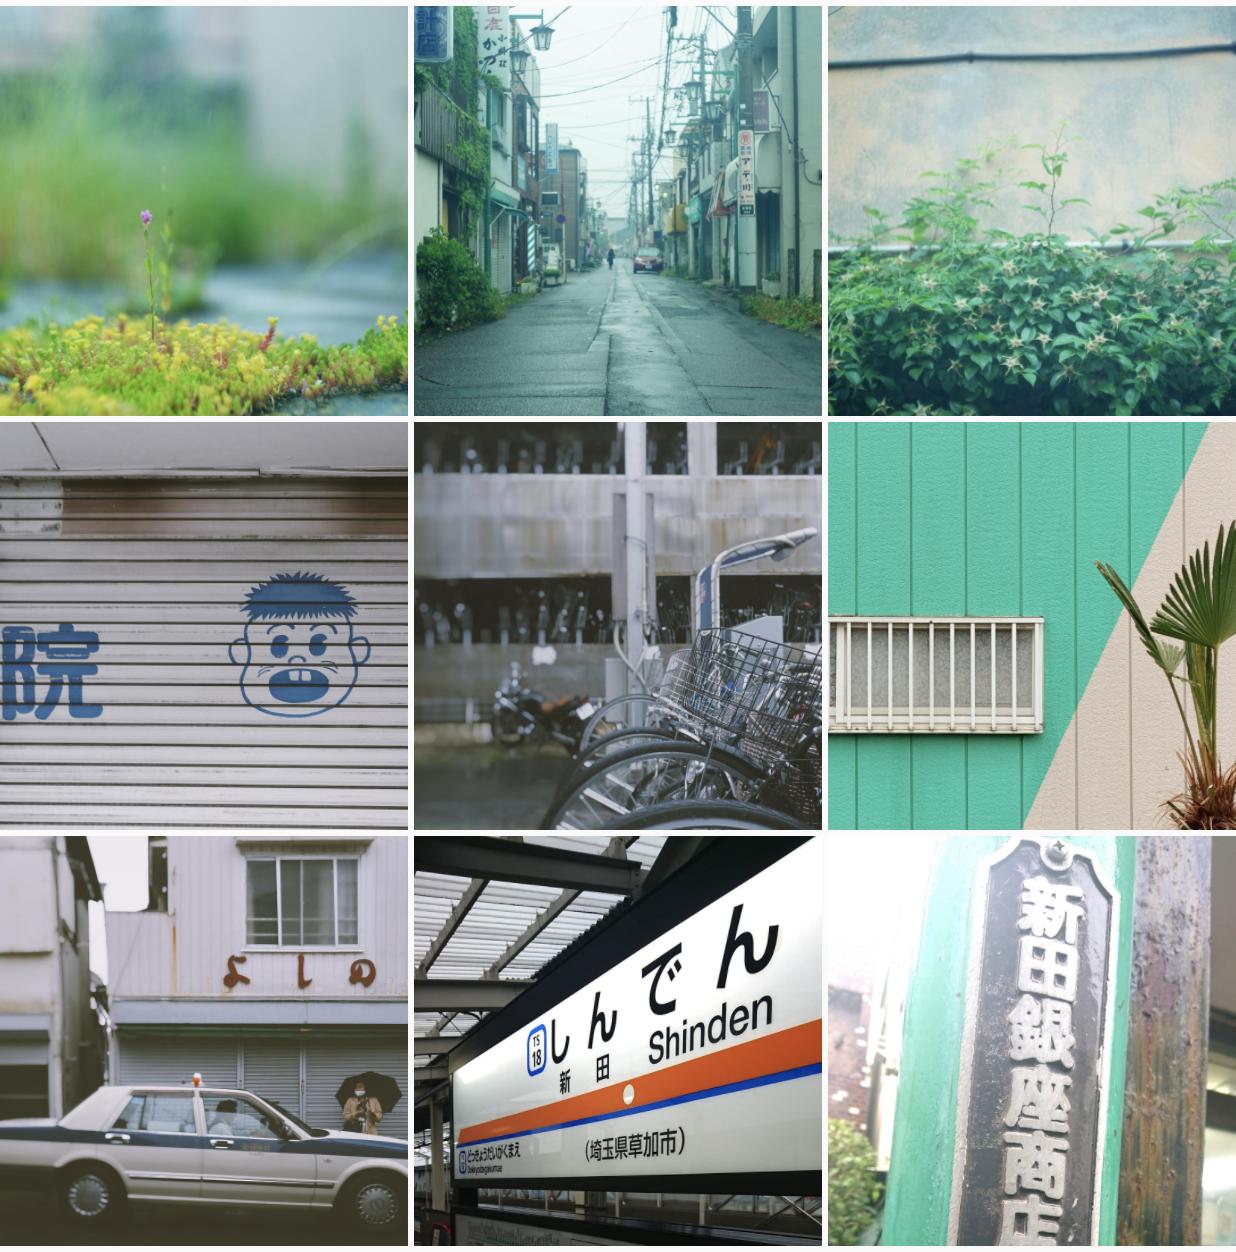 ローカルWEBメディア・地域サイト 草加ローカルストーリー 草加カメラ部 新田レポート SNS